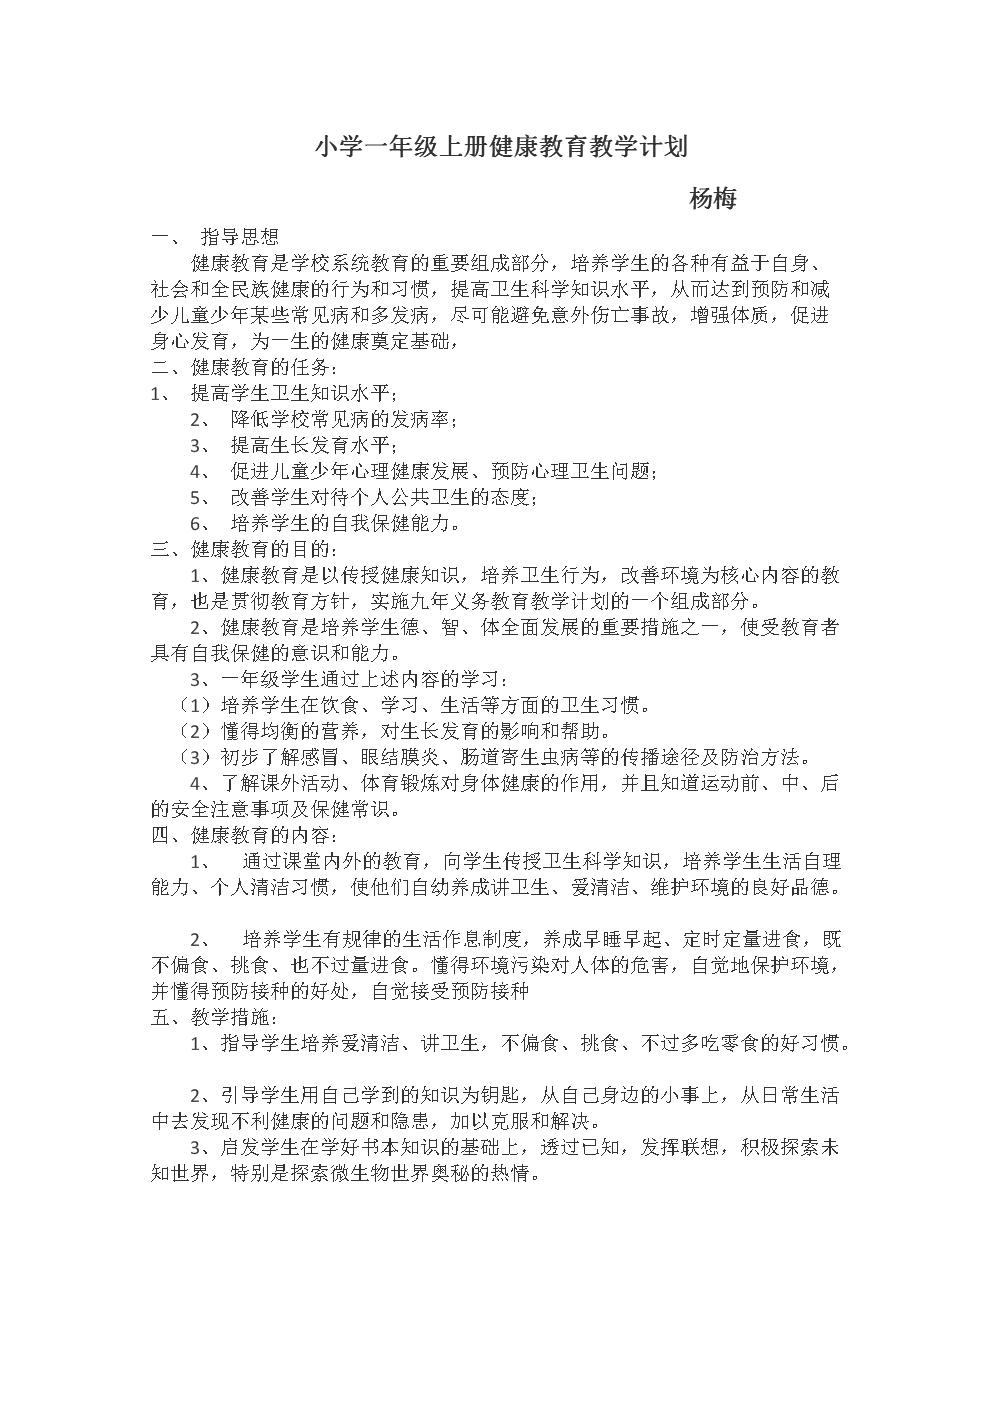 小学一小学教案健康教育计划与上册.docx年级v小学忻城图片